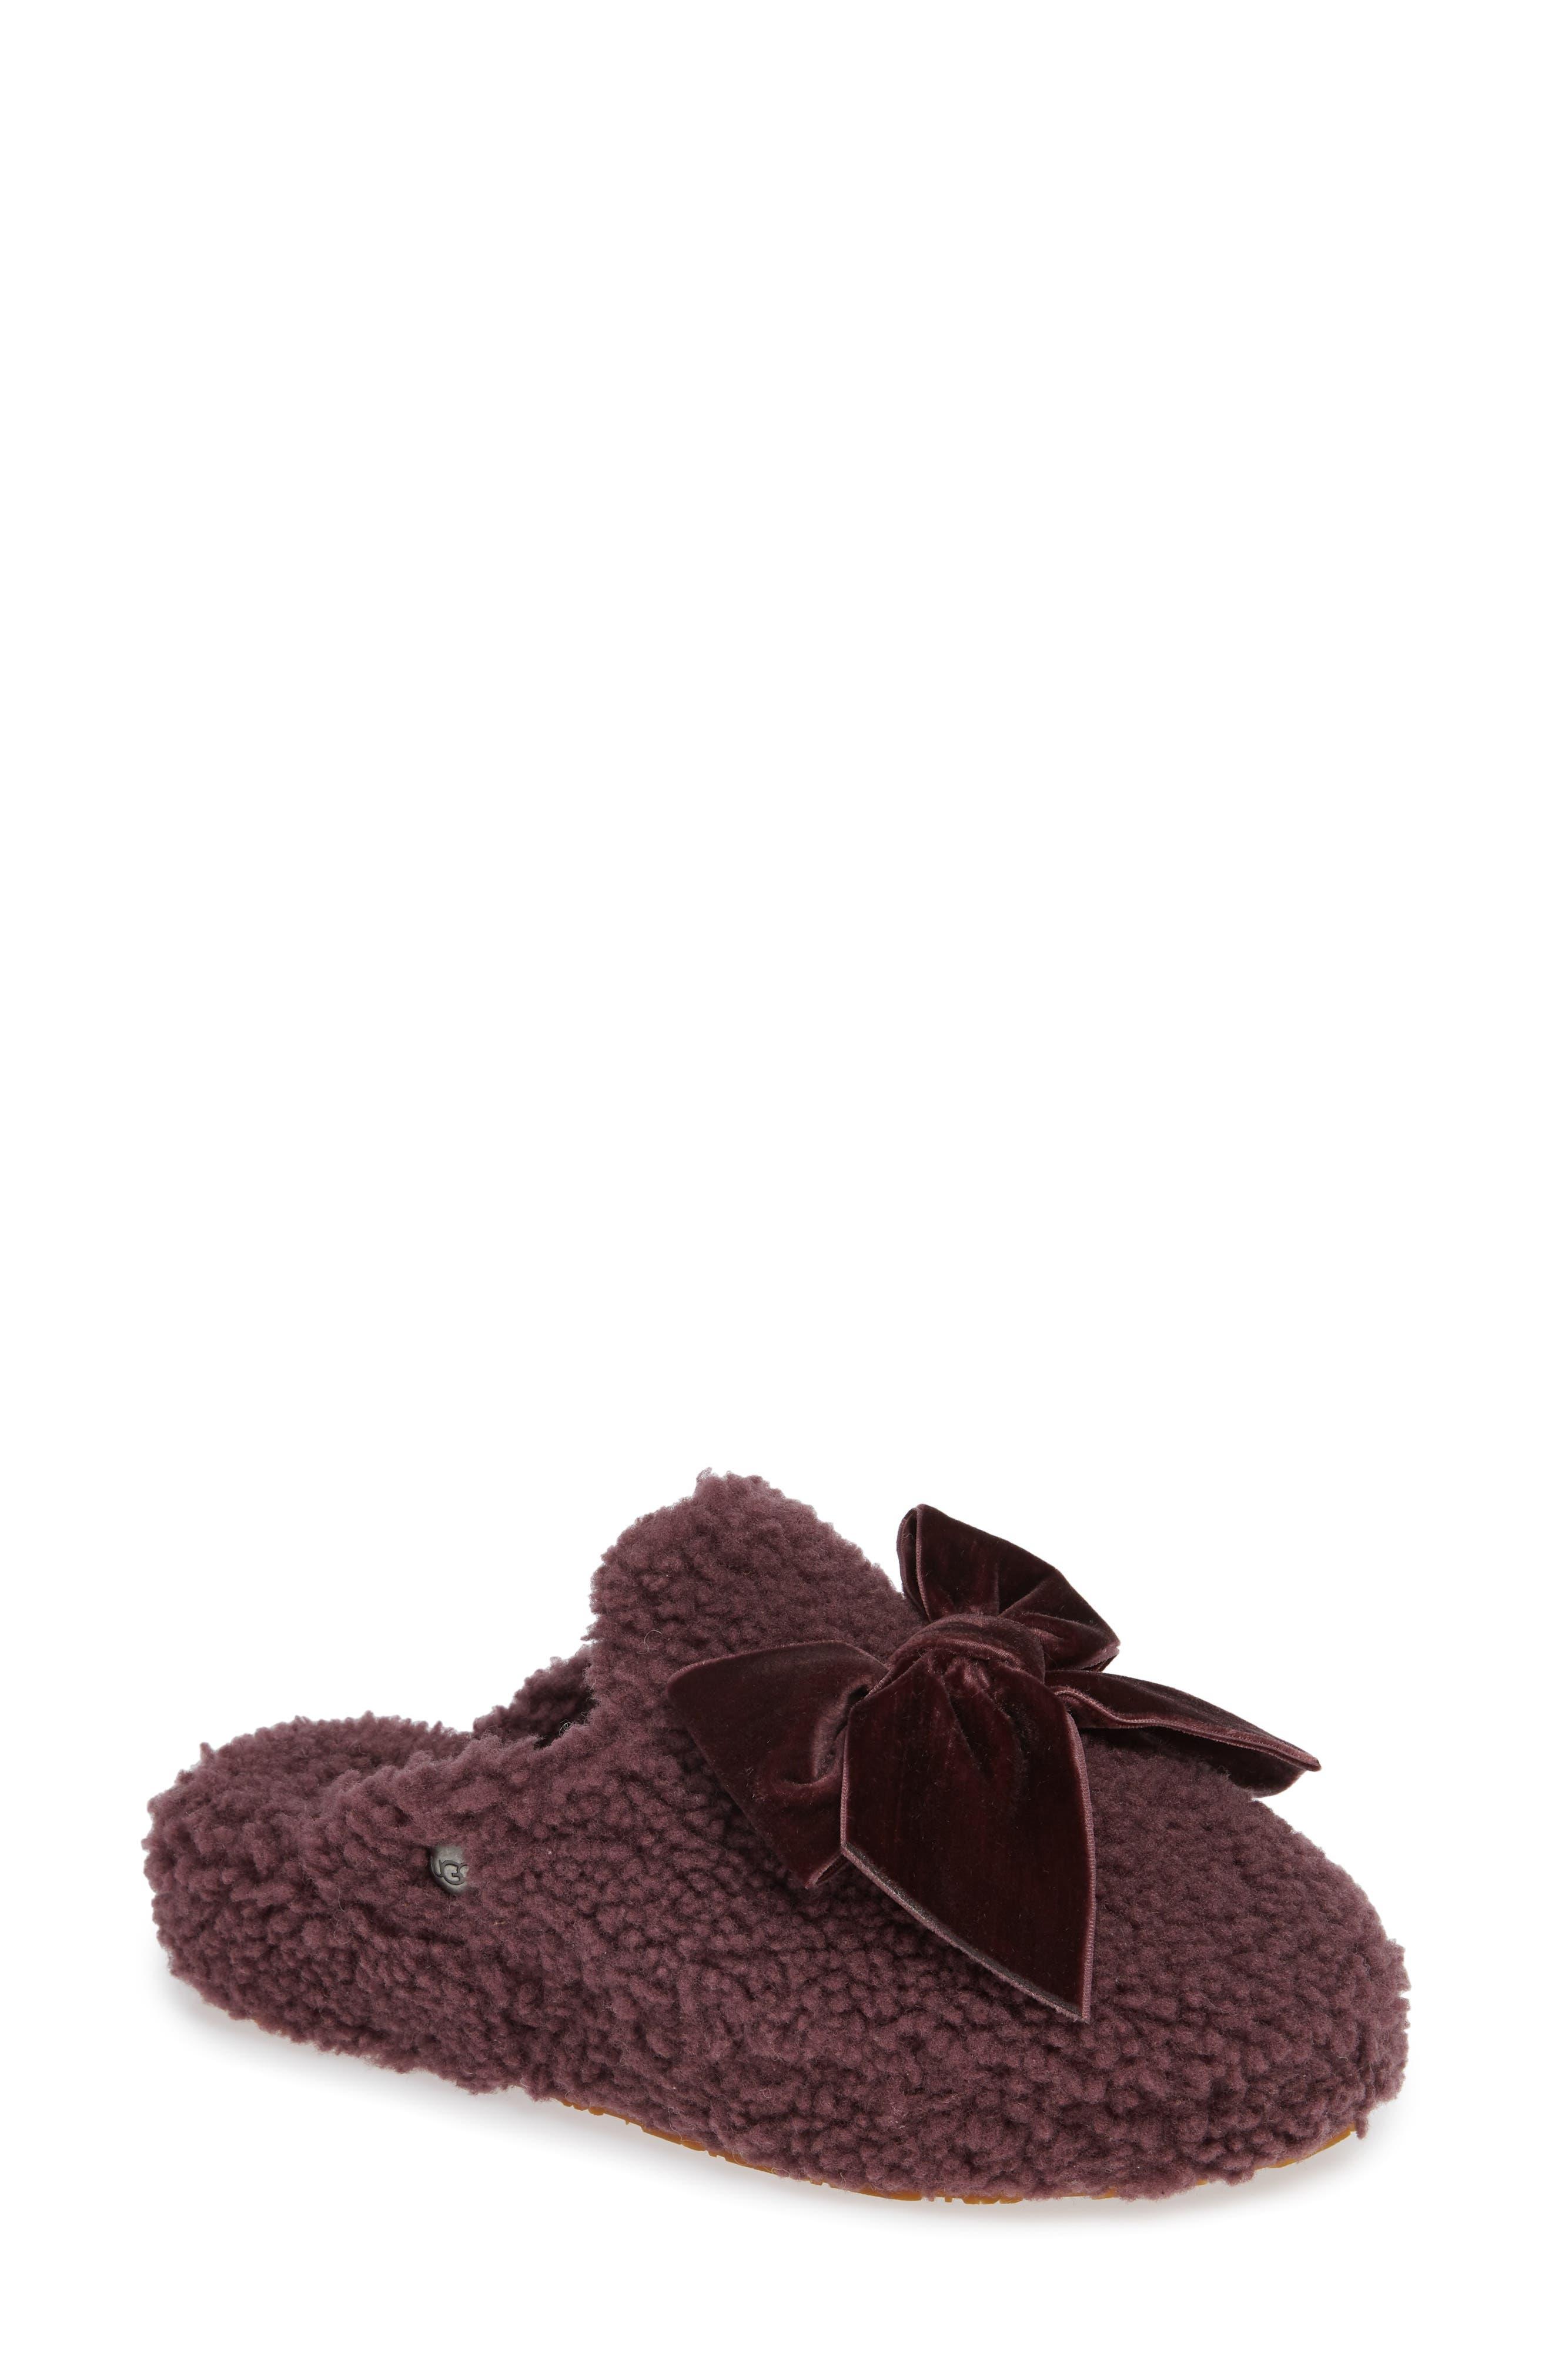 Addison Velvet-Bow Curly Sheepskin Slippers in Port